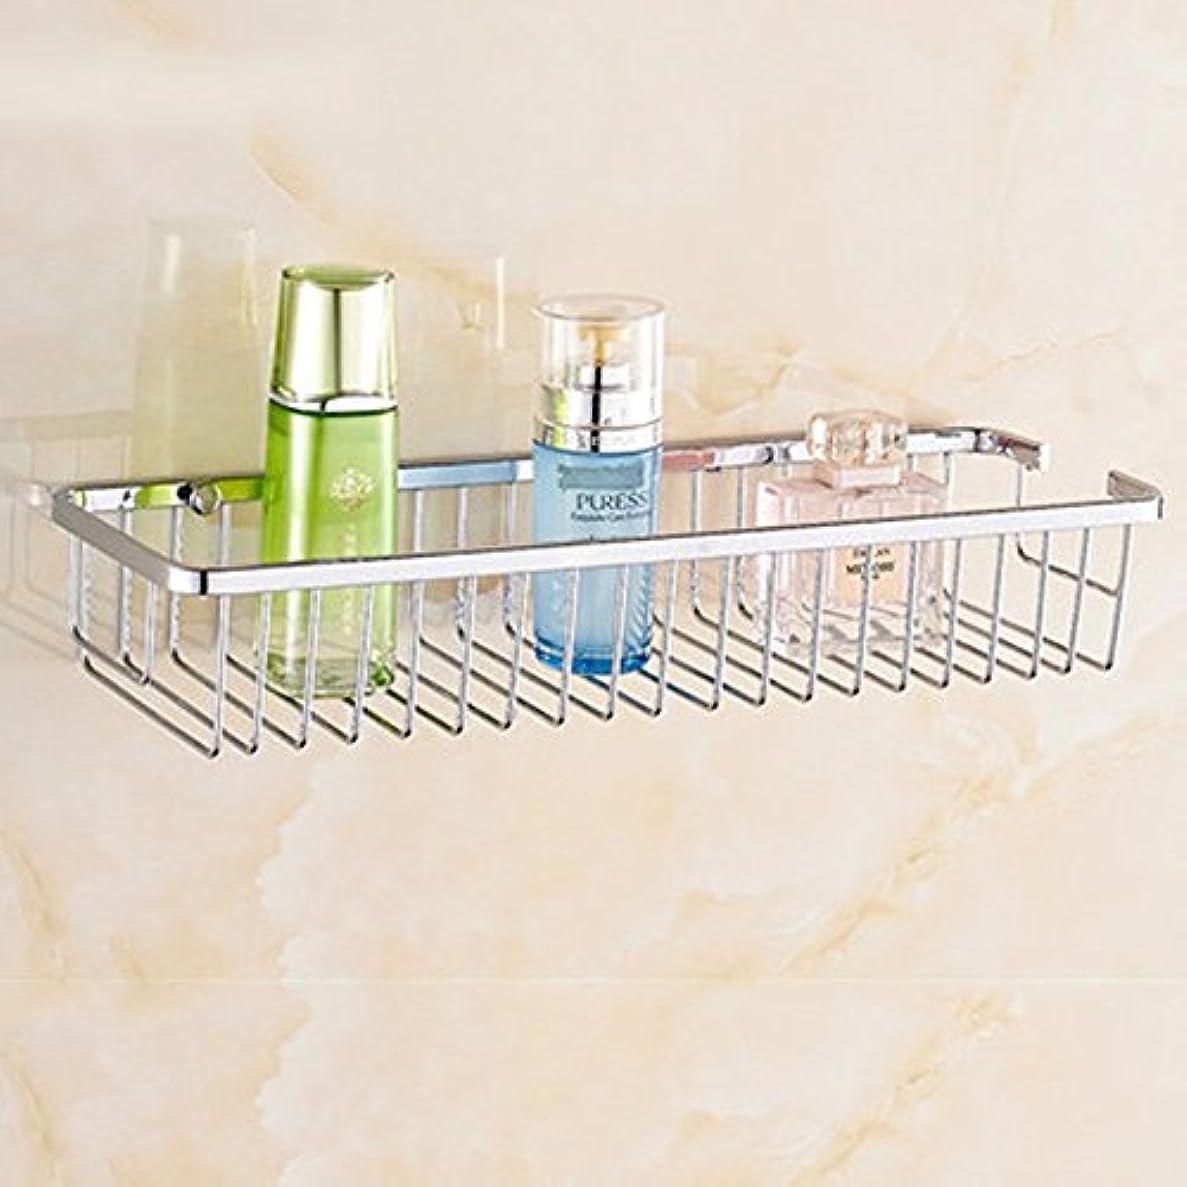 調子接地仮定するZZLX 304ステンレススチールバスルームラックバスルーム棚シングルレイヤーダブルレイヤー四角形バスケット(オプションのサイズ)(オプションのレイヤー) ロングハンドル風呂ブラシ (色 : A, サイズ さいず : 30cm)